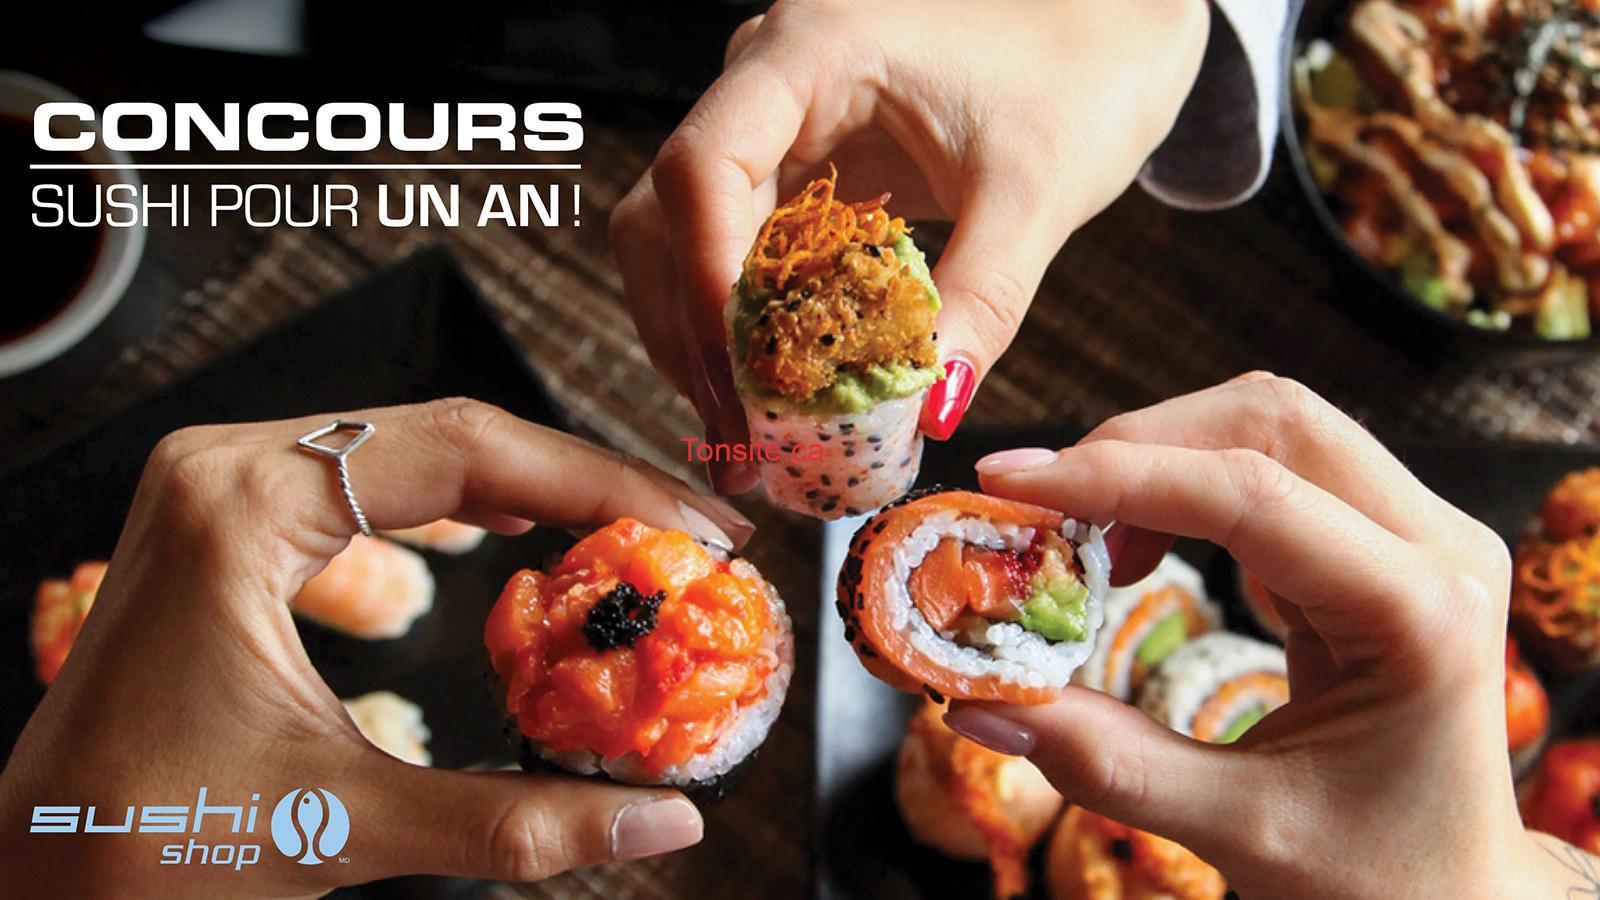 Sushi shop concours - Sushi Shop: Gagnez 1 an de Sushi GRATUITS!